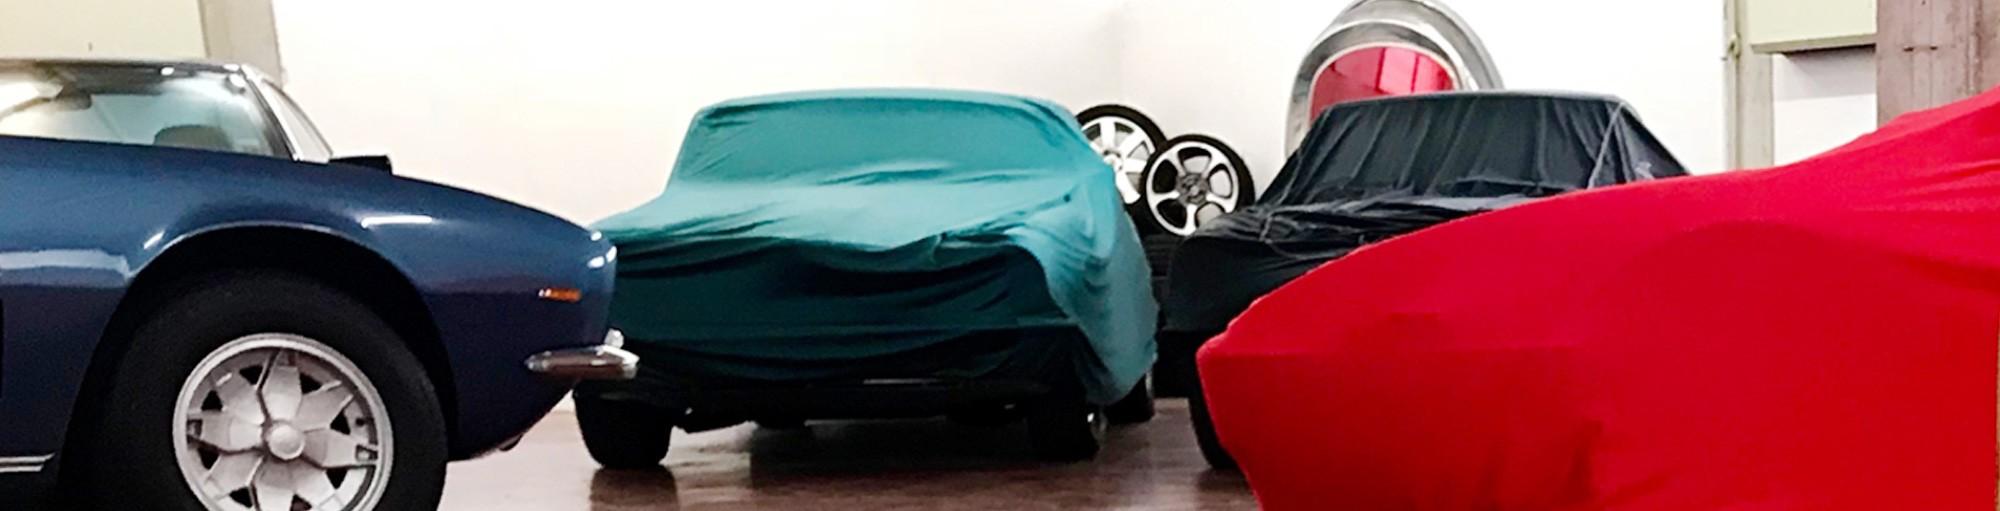 Automobili d'epoca in vendita - Passione Classica